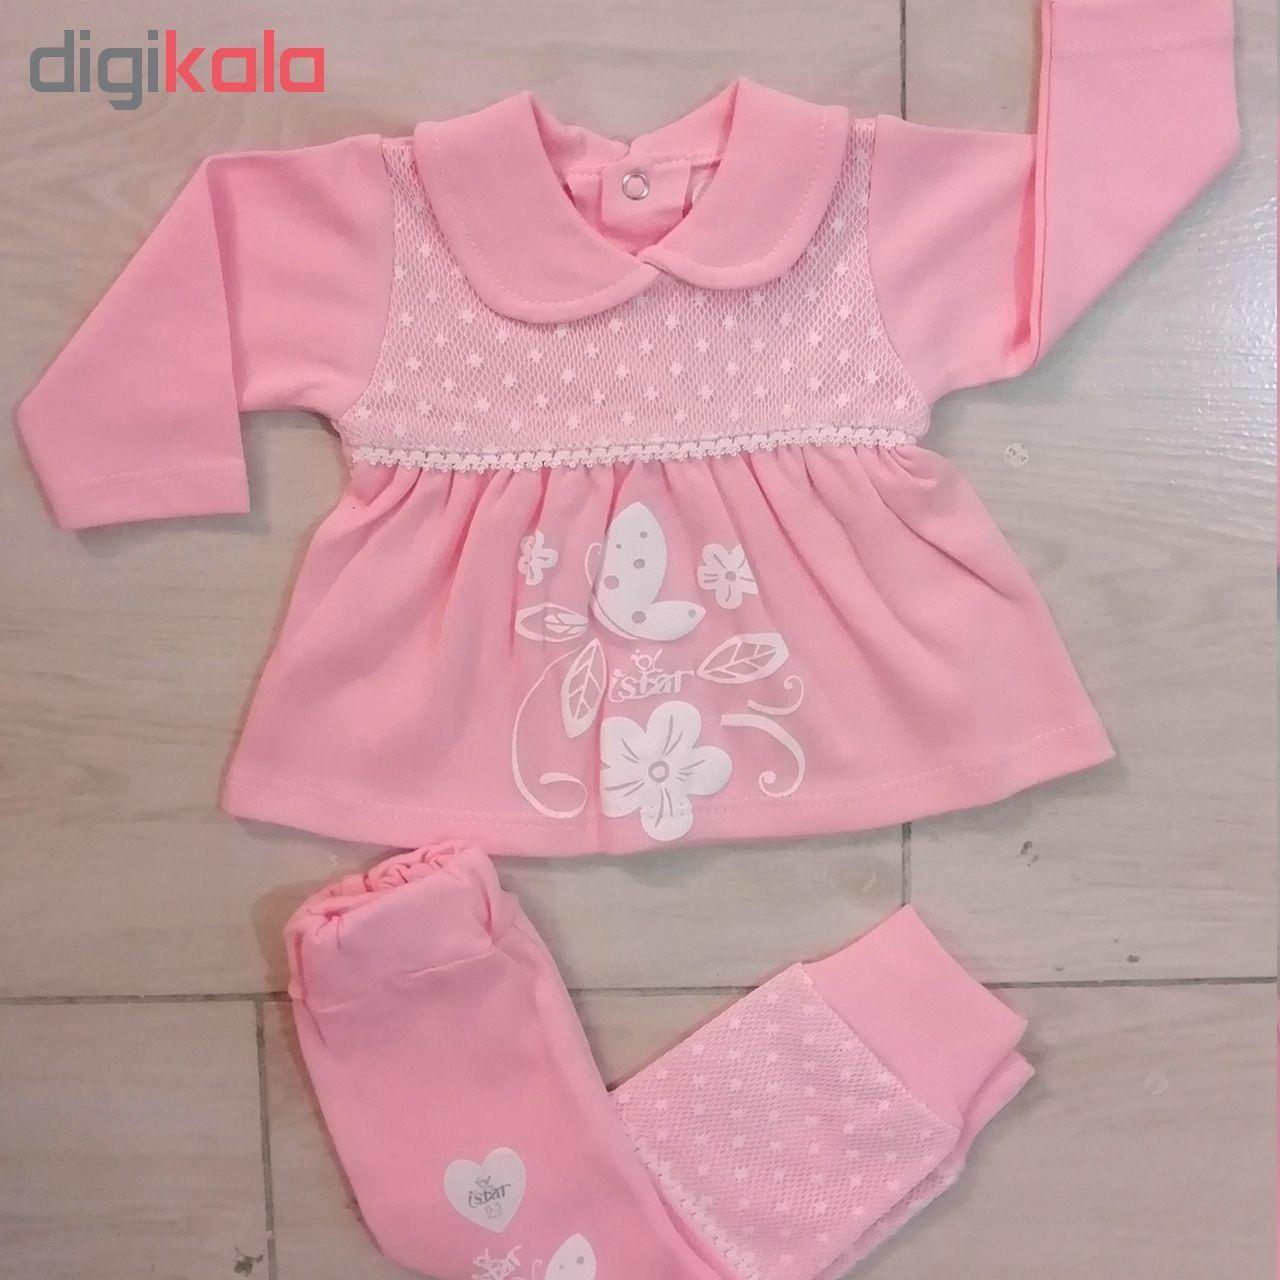 ست تیشرت و شلوار نوزادی دخترانه کد 980908 رنگ صورتی main 1 3